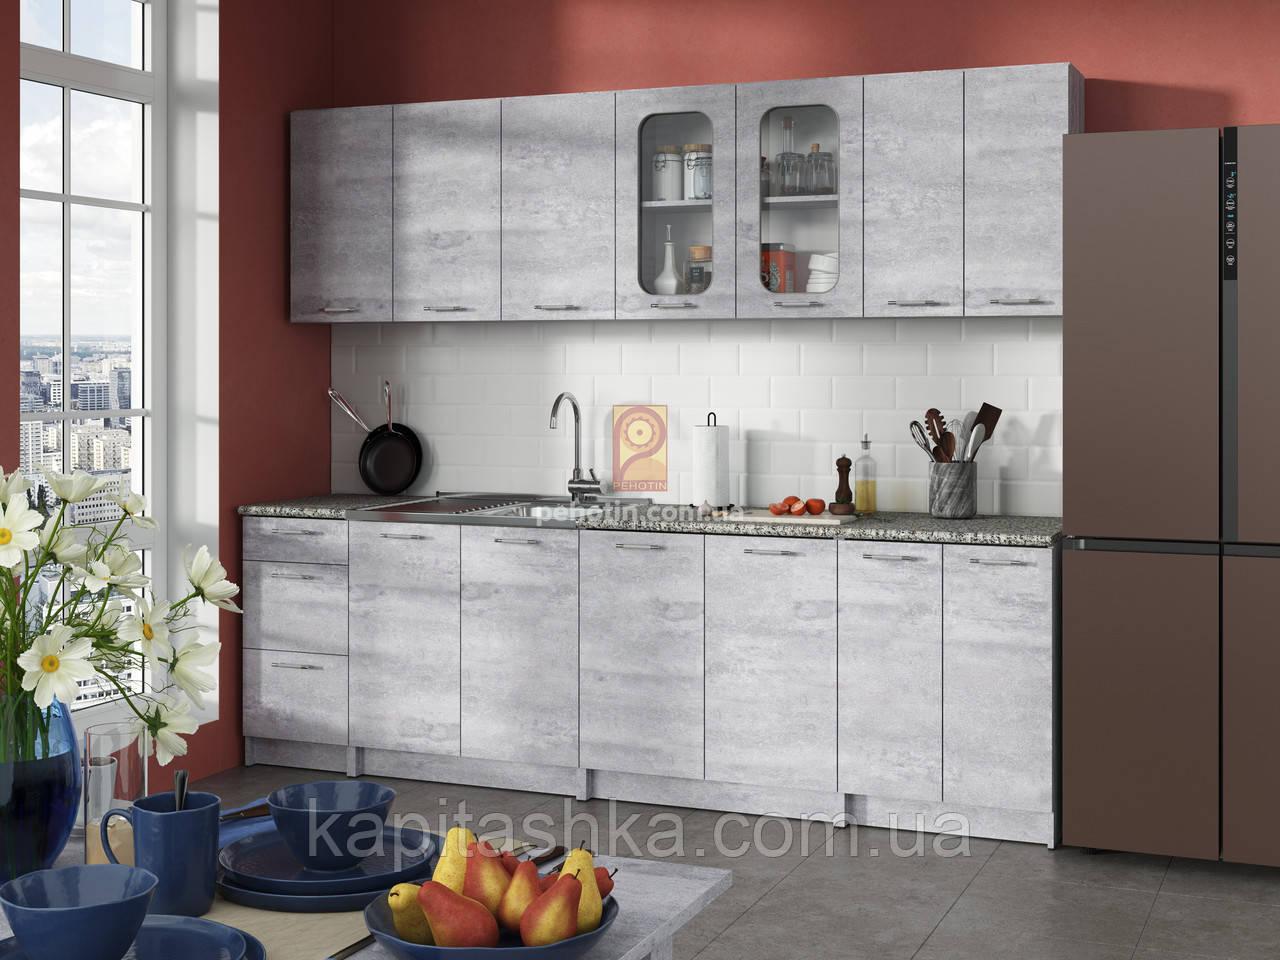 Кухня Диана 2,6 м (ДСП) комплектом и посекционно